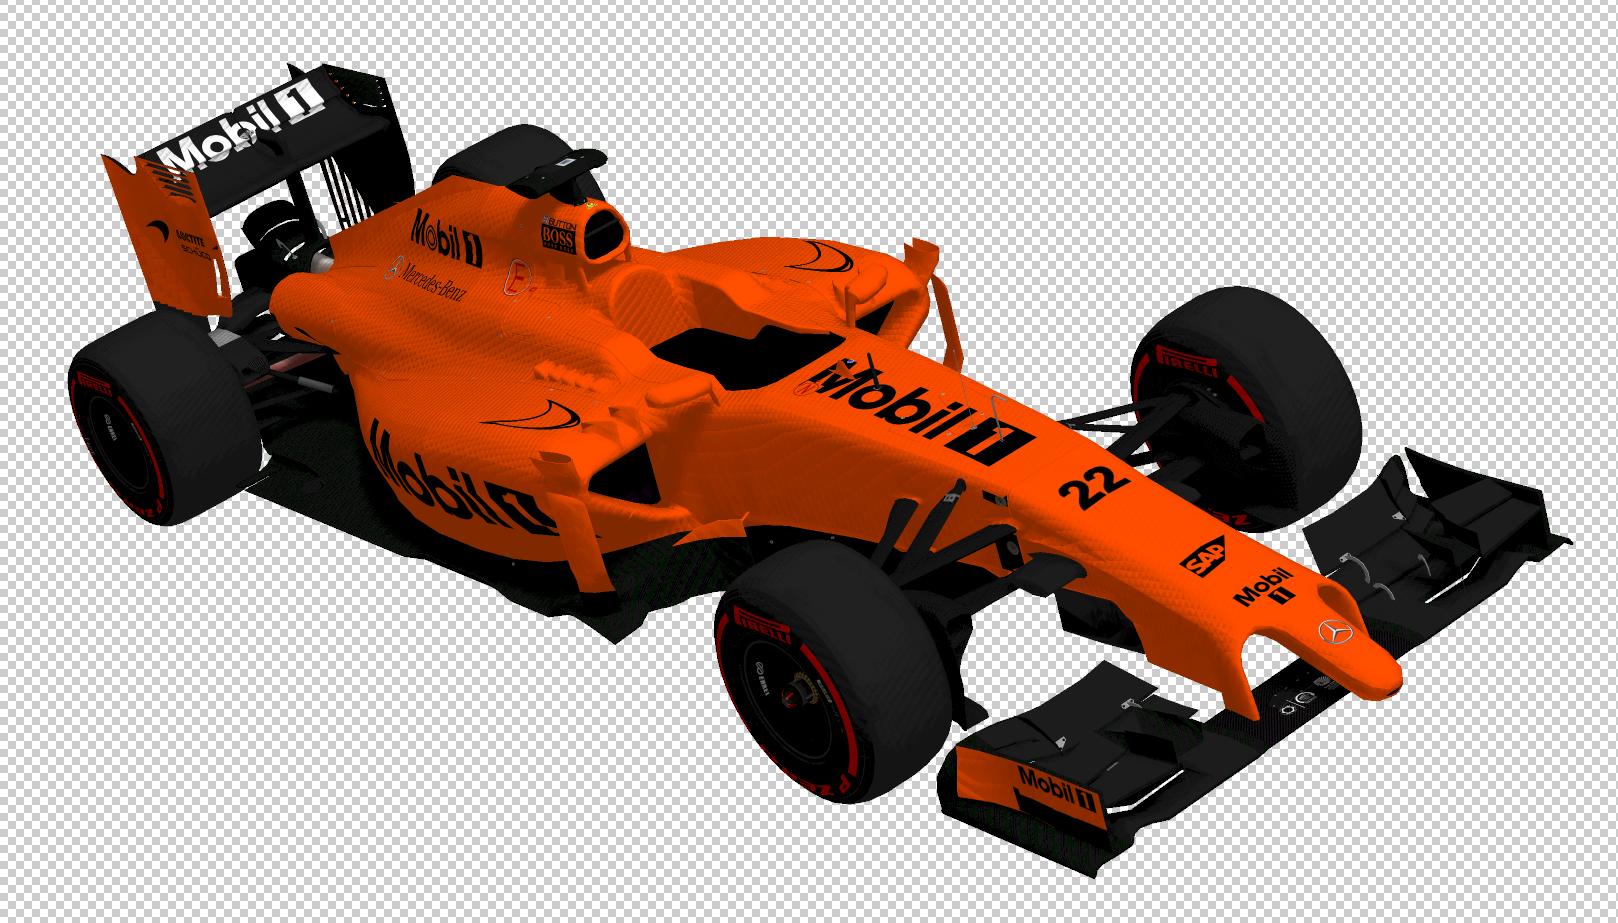 Orange McLaren HD (Mobil 1 Logos).PNG